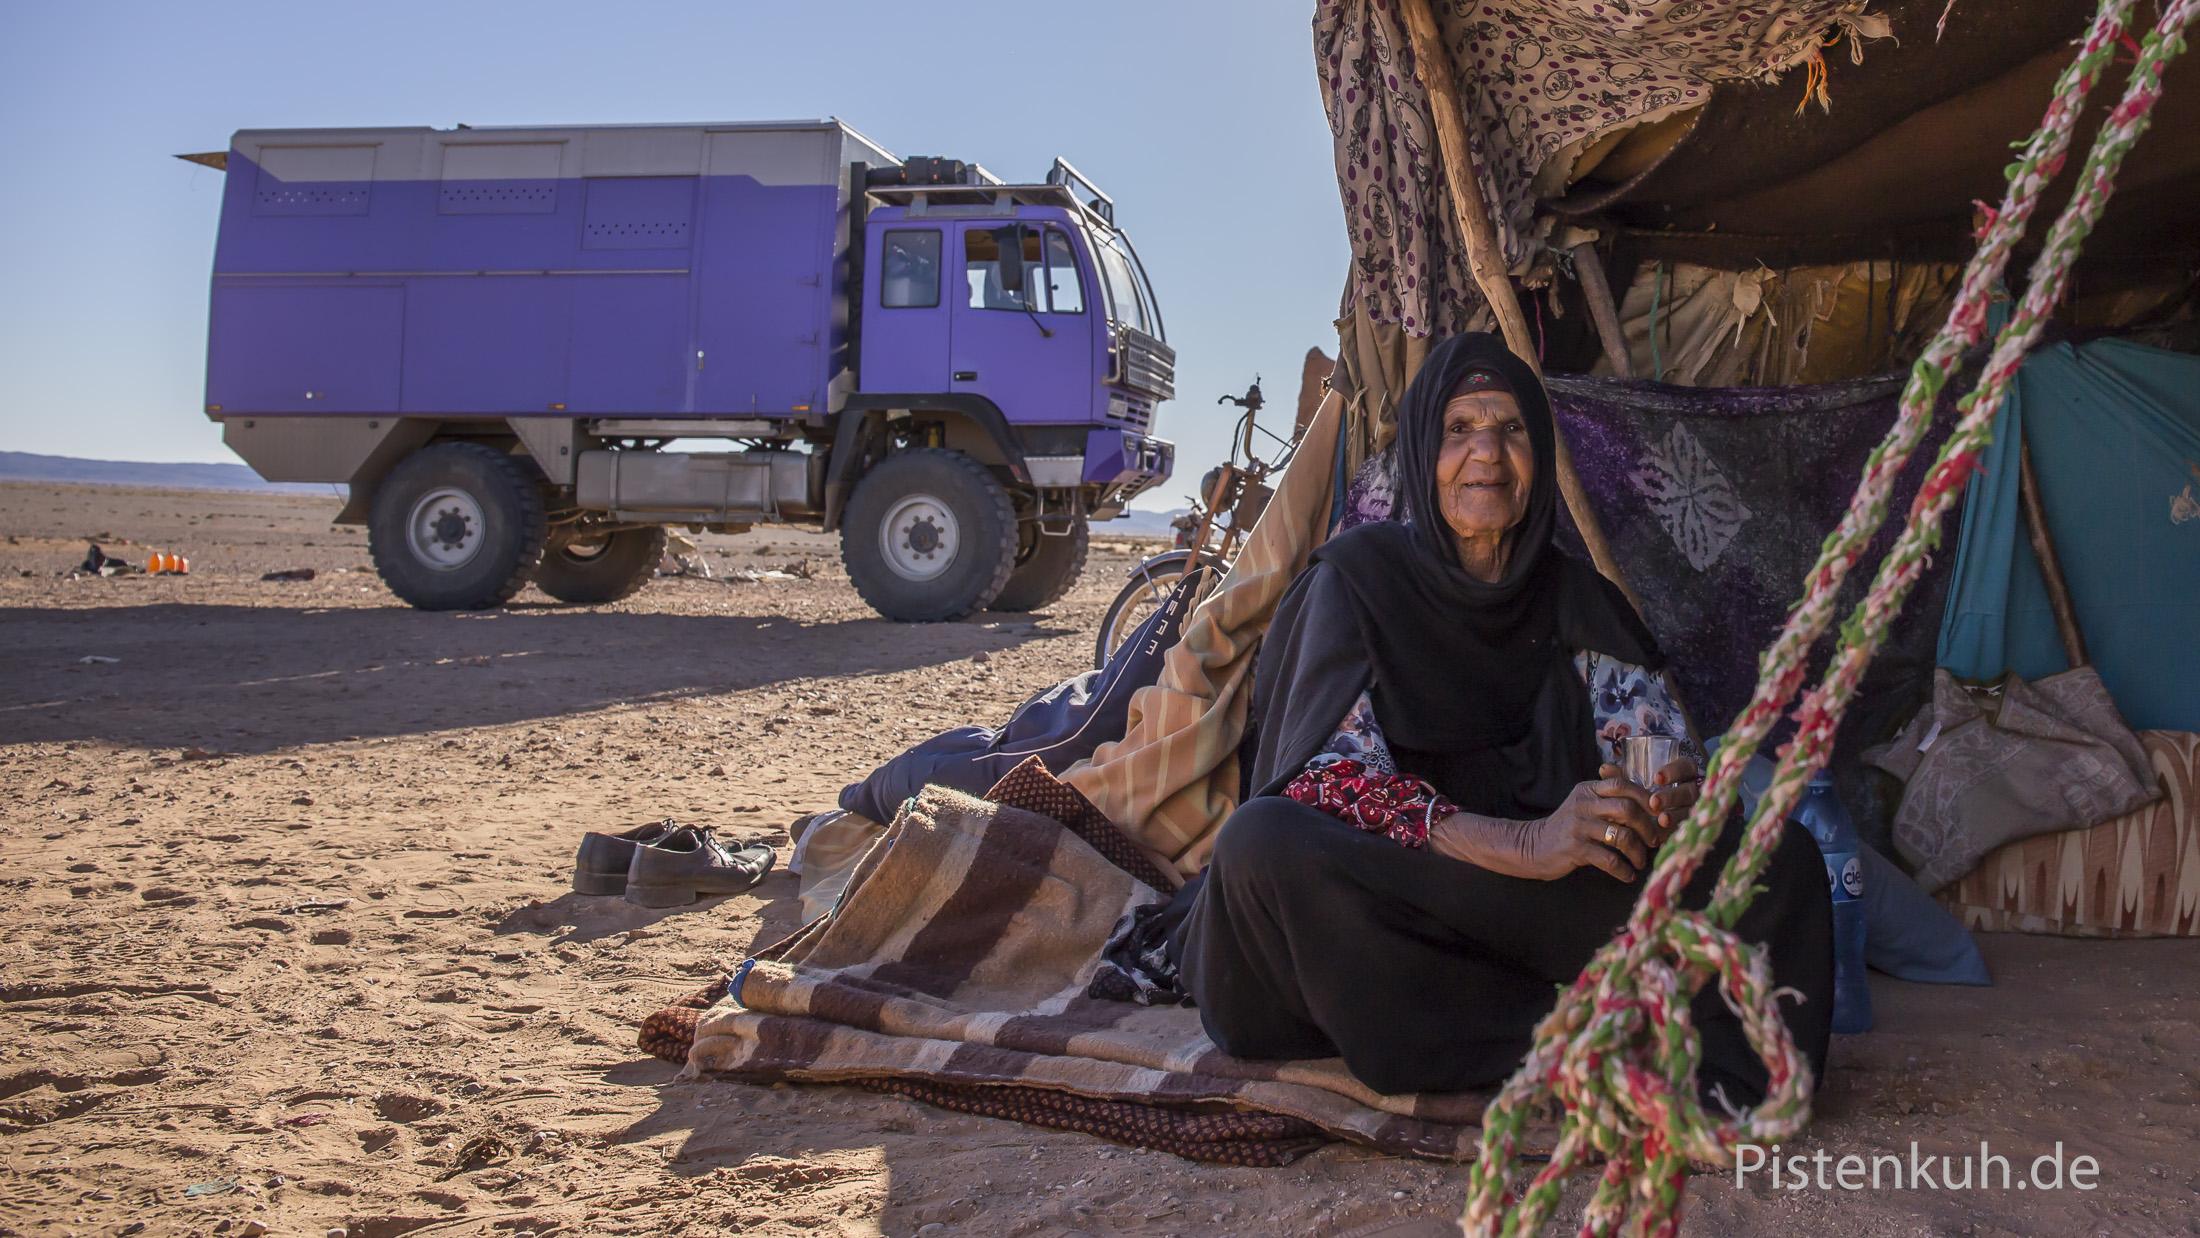 Bei Nomaden im Süden Marokkos